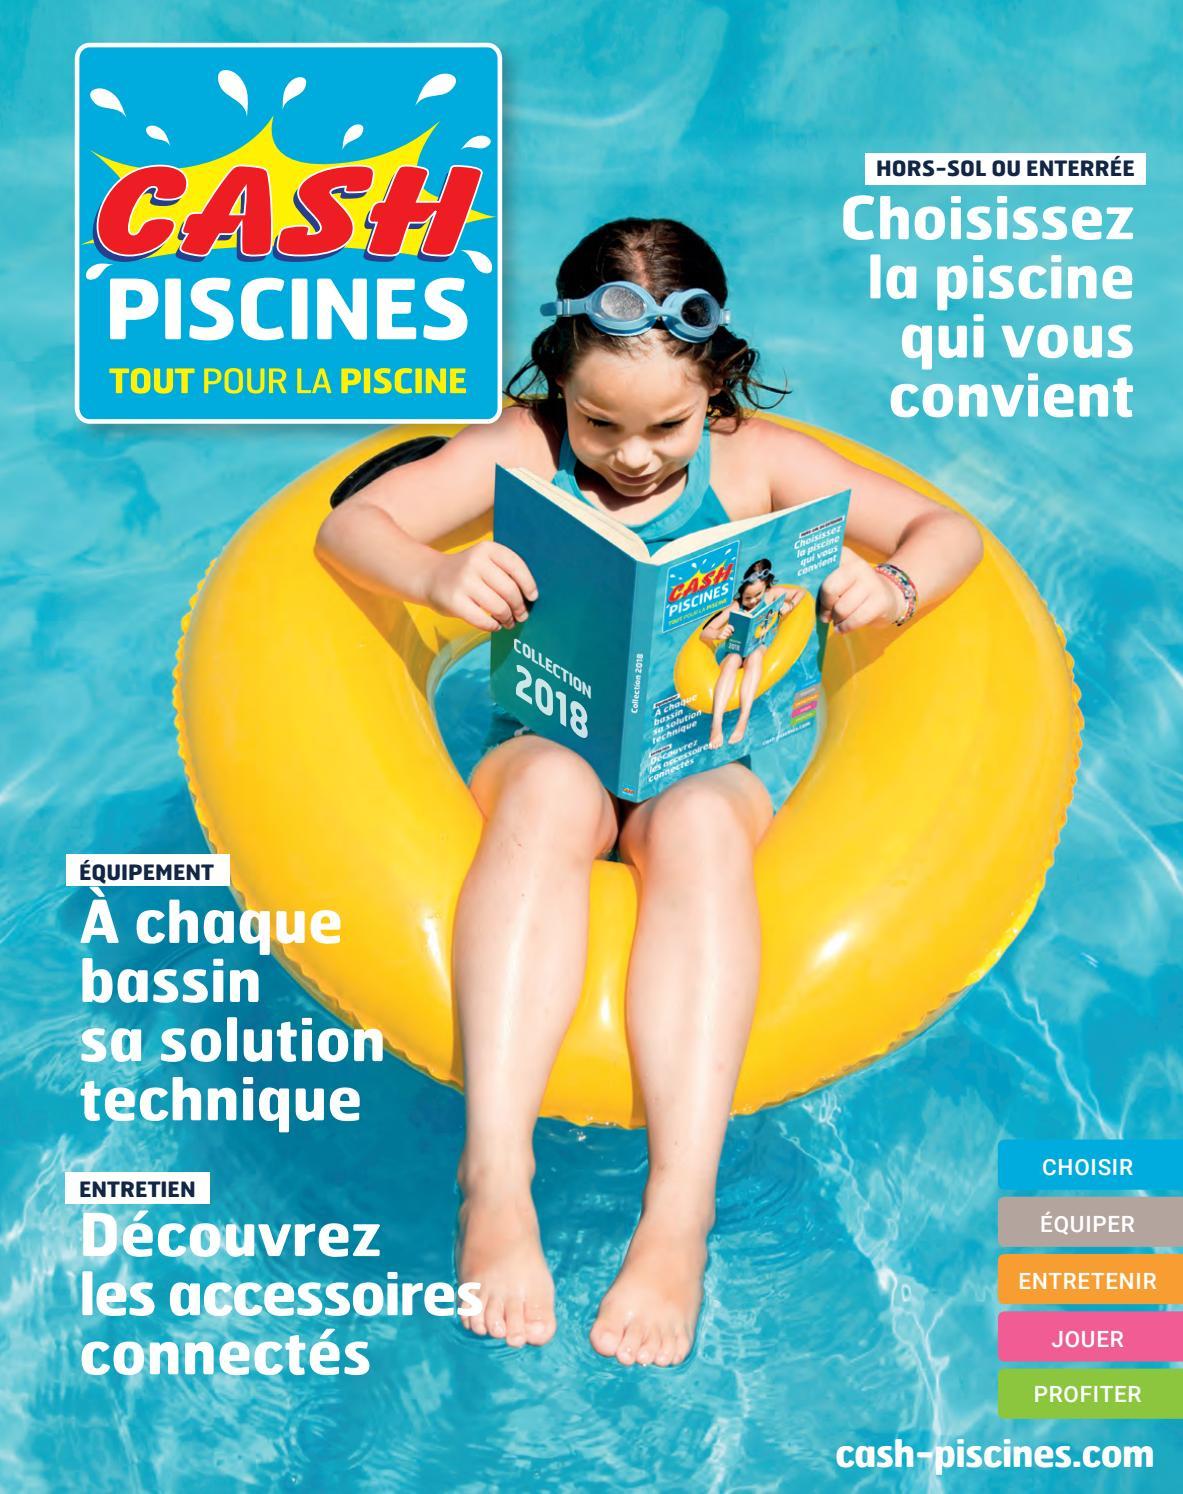 Catalogue Cash Piscine 2018 By Octave Octave - Issuu destiné Cash Piscine Beziers